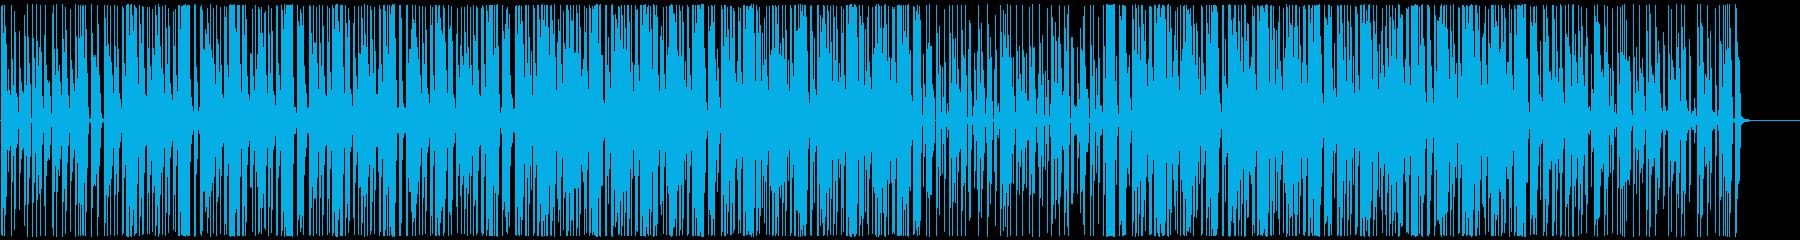 【ミニマル】ニュースF・報道・ループの再生済みの波形